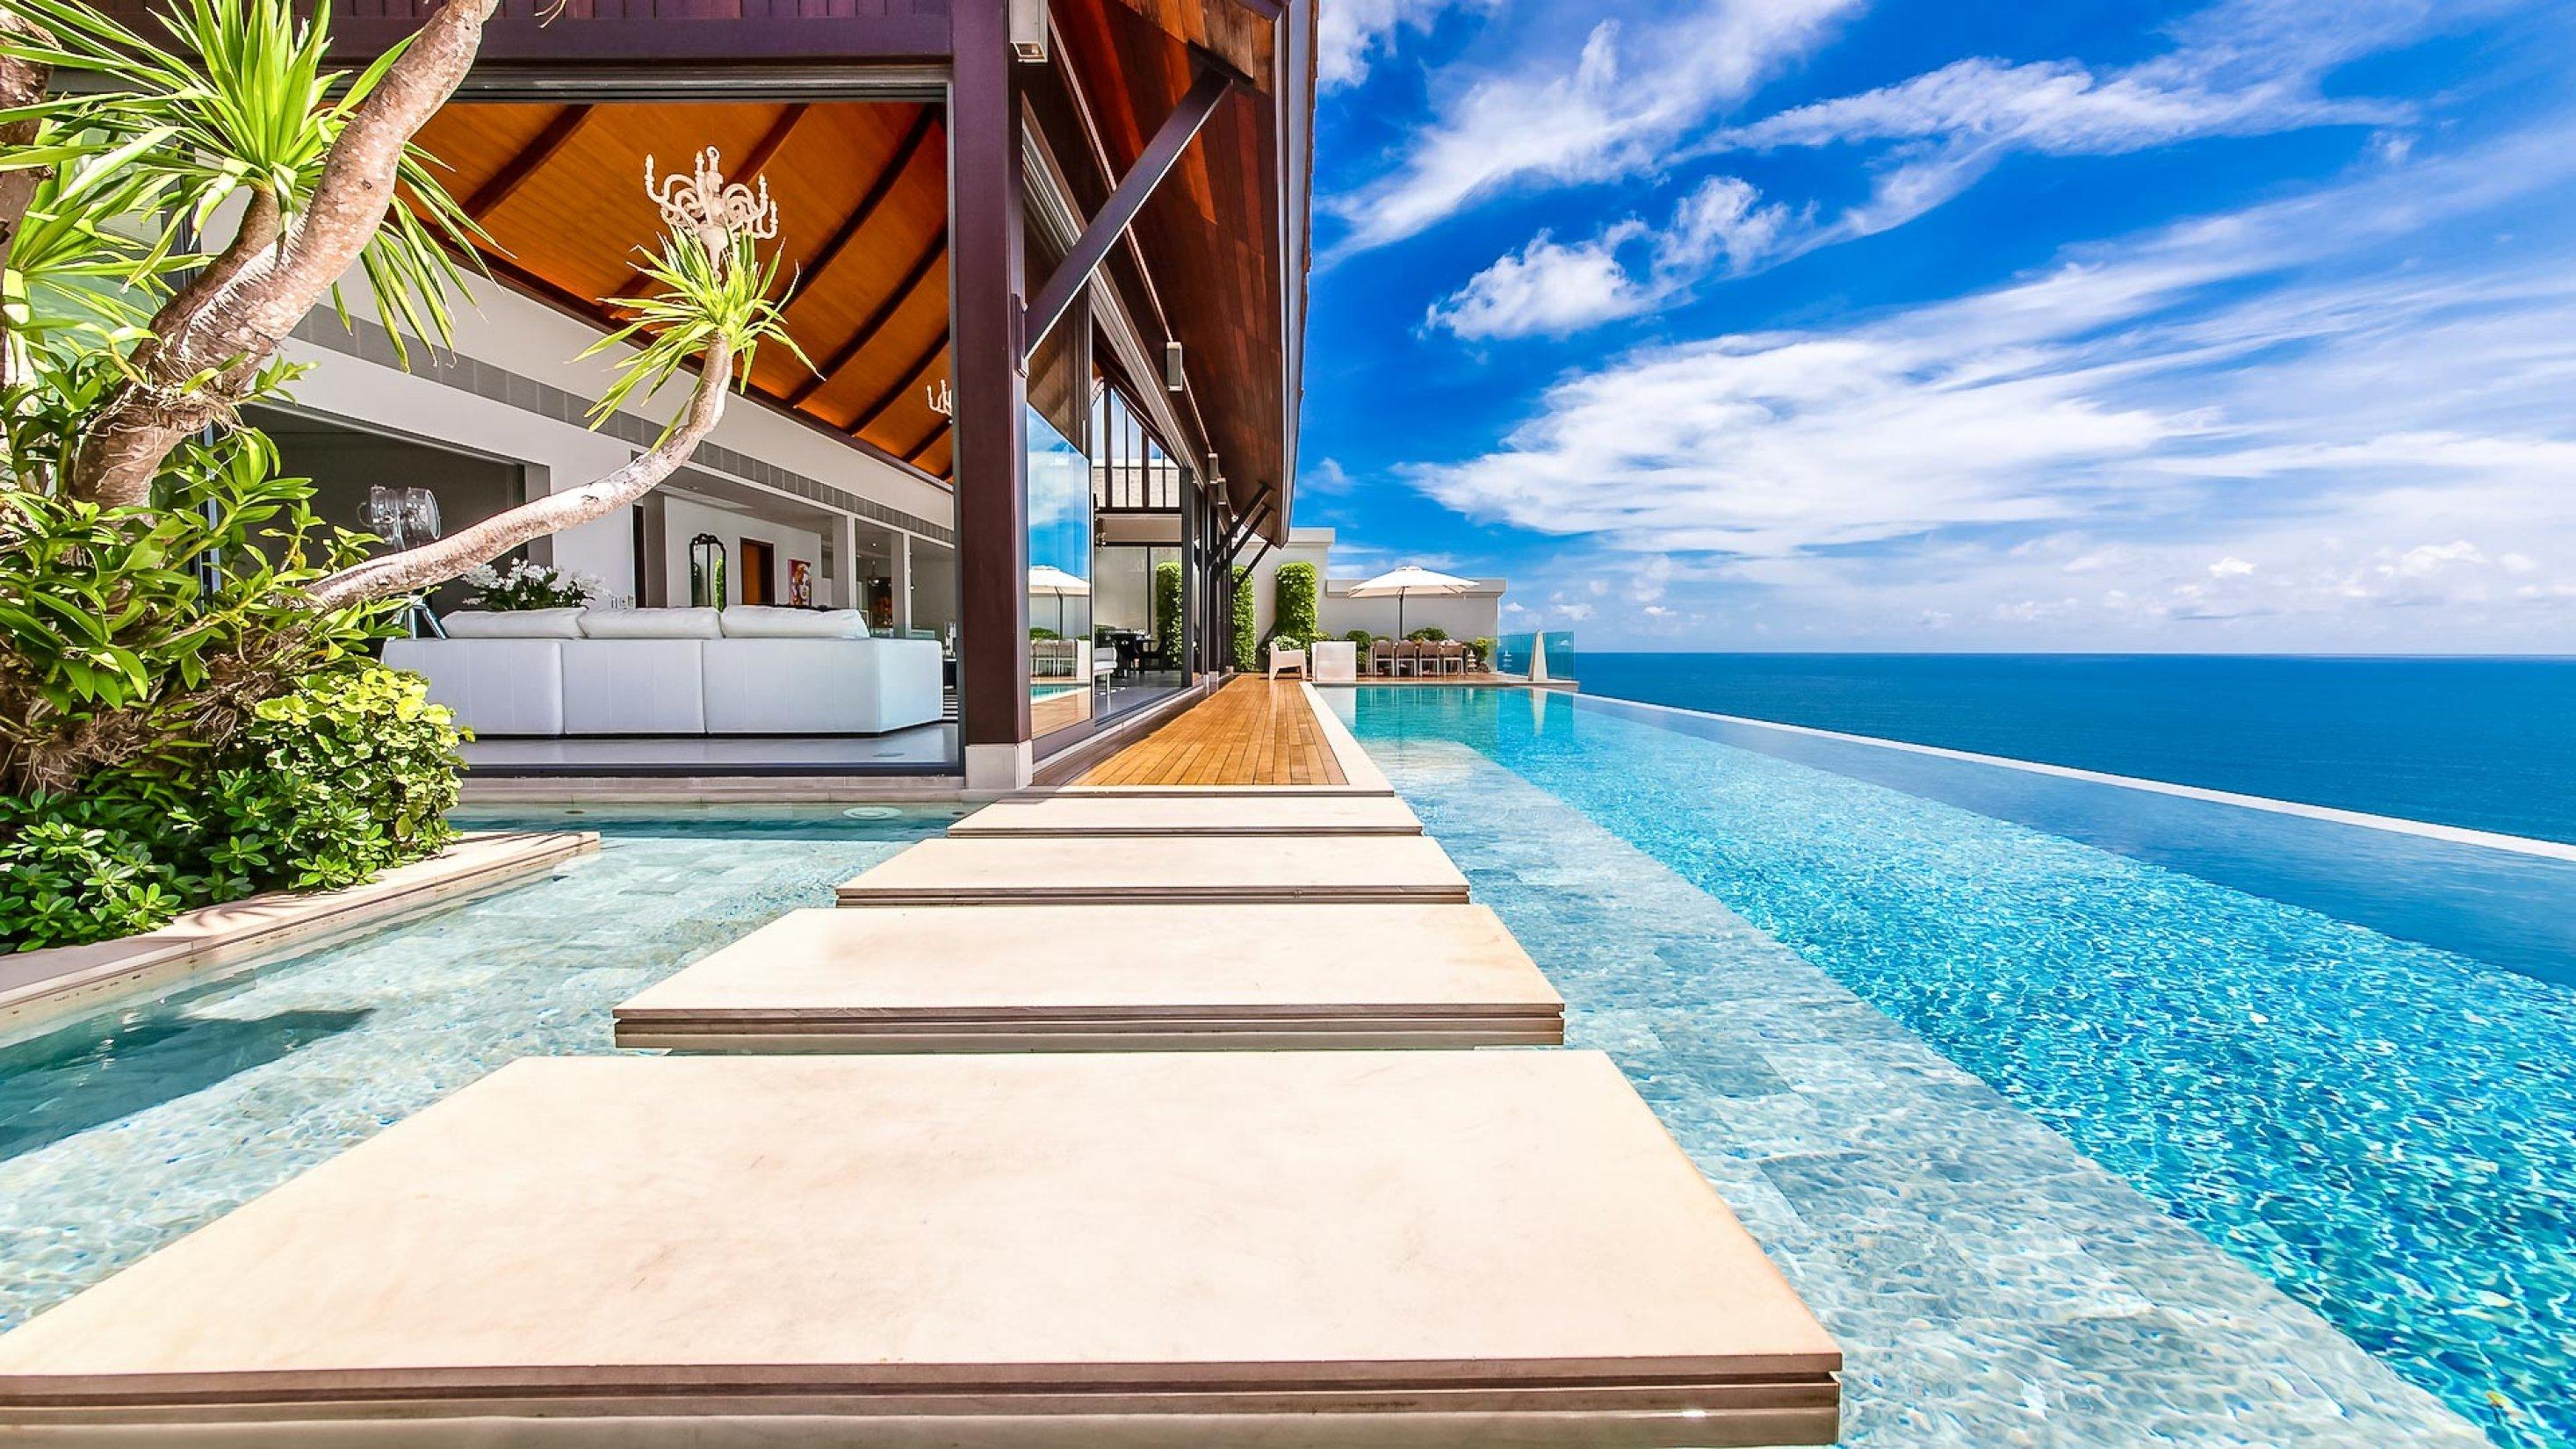 Villa Paradiso Phuket